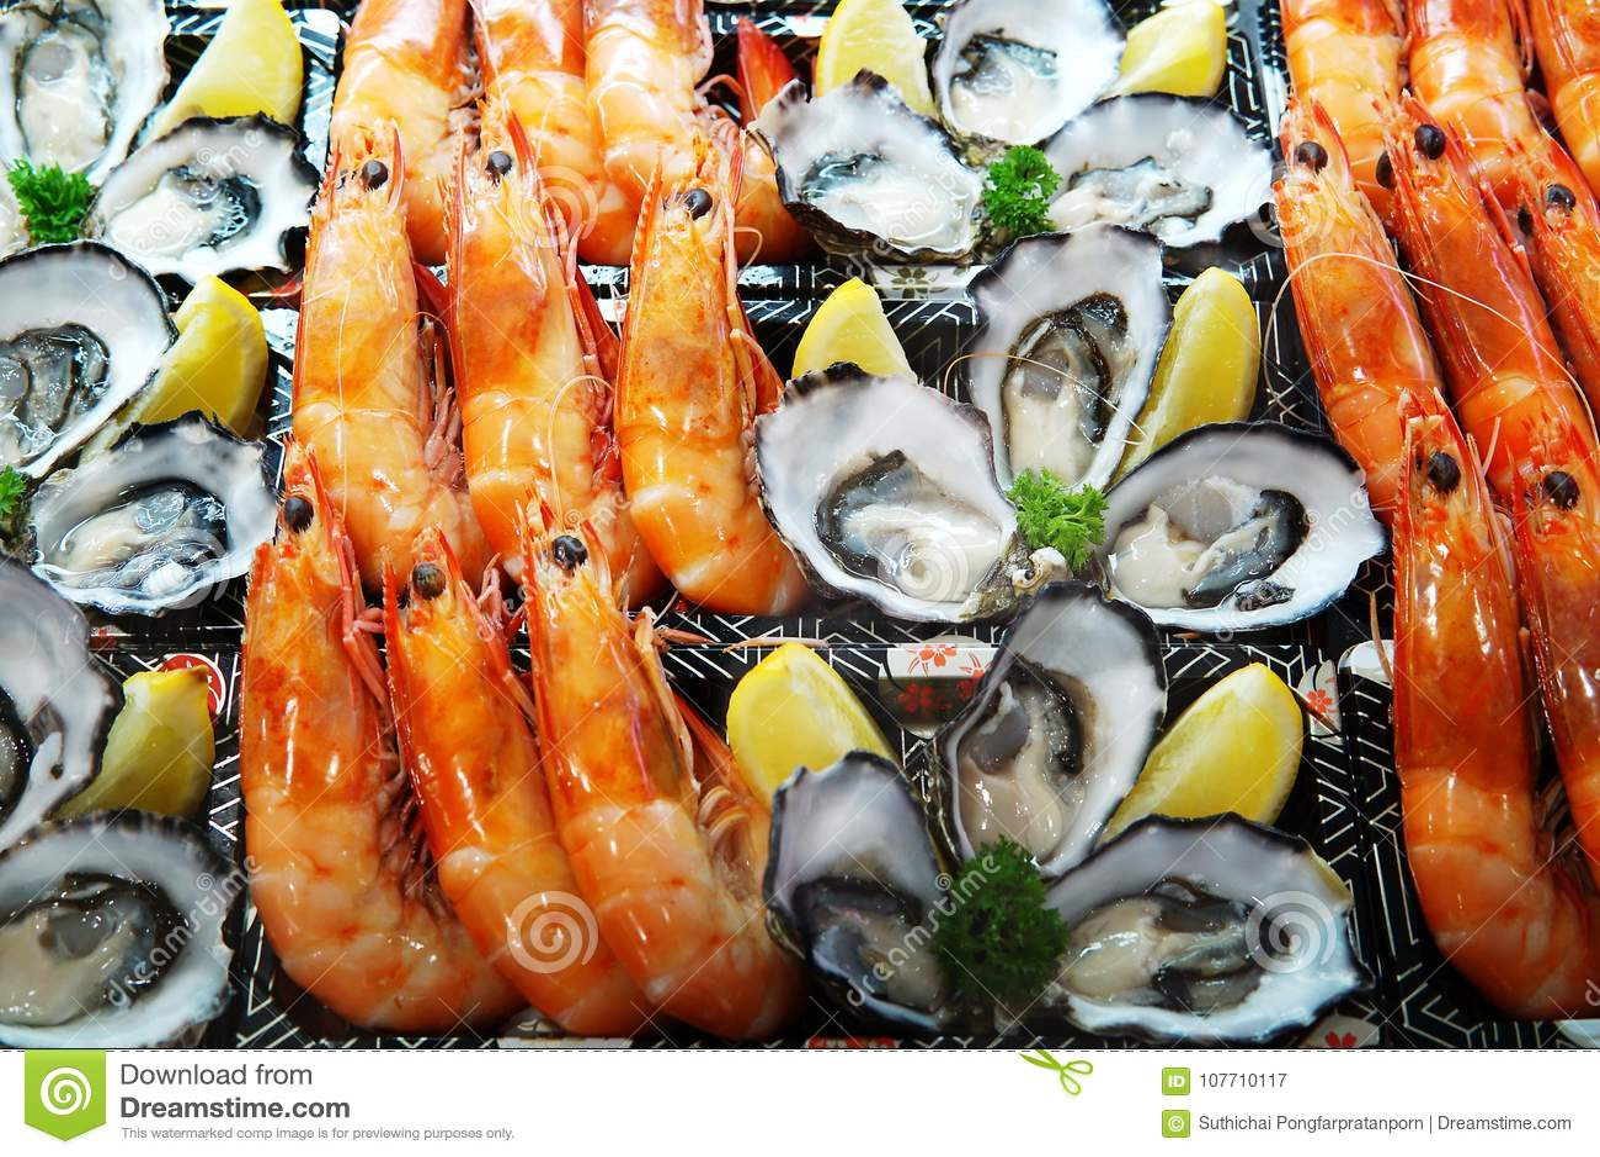 Πιάτο θαλασσινών που τίθεται στην πώληση πάγου στην αγορά Κλείστε επάνω τη λεπτομέρεια στο s